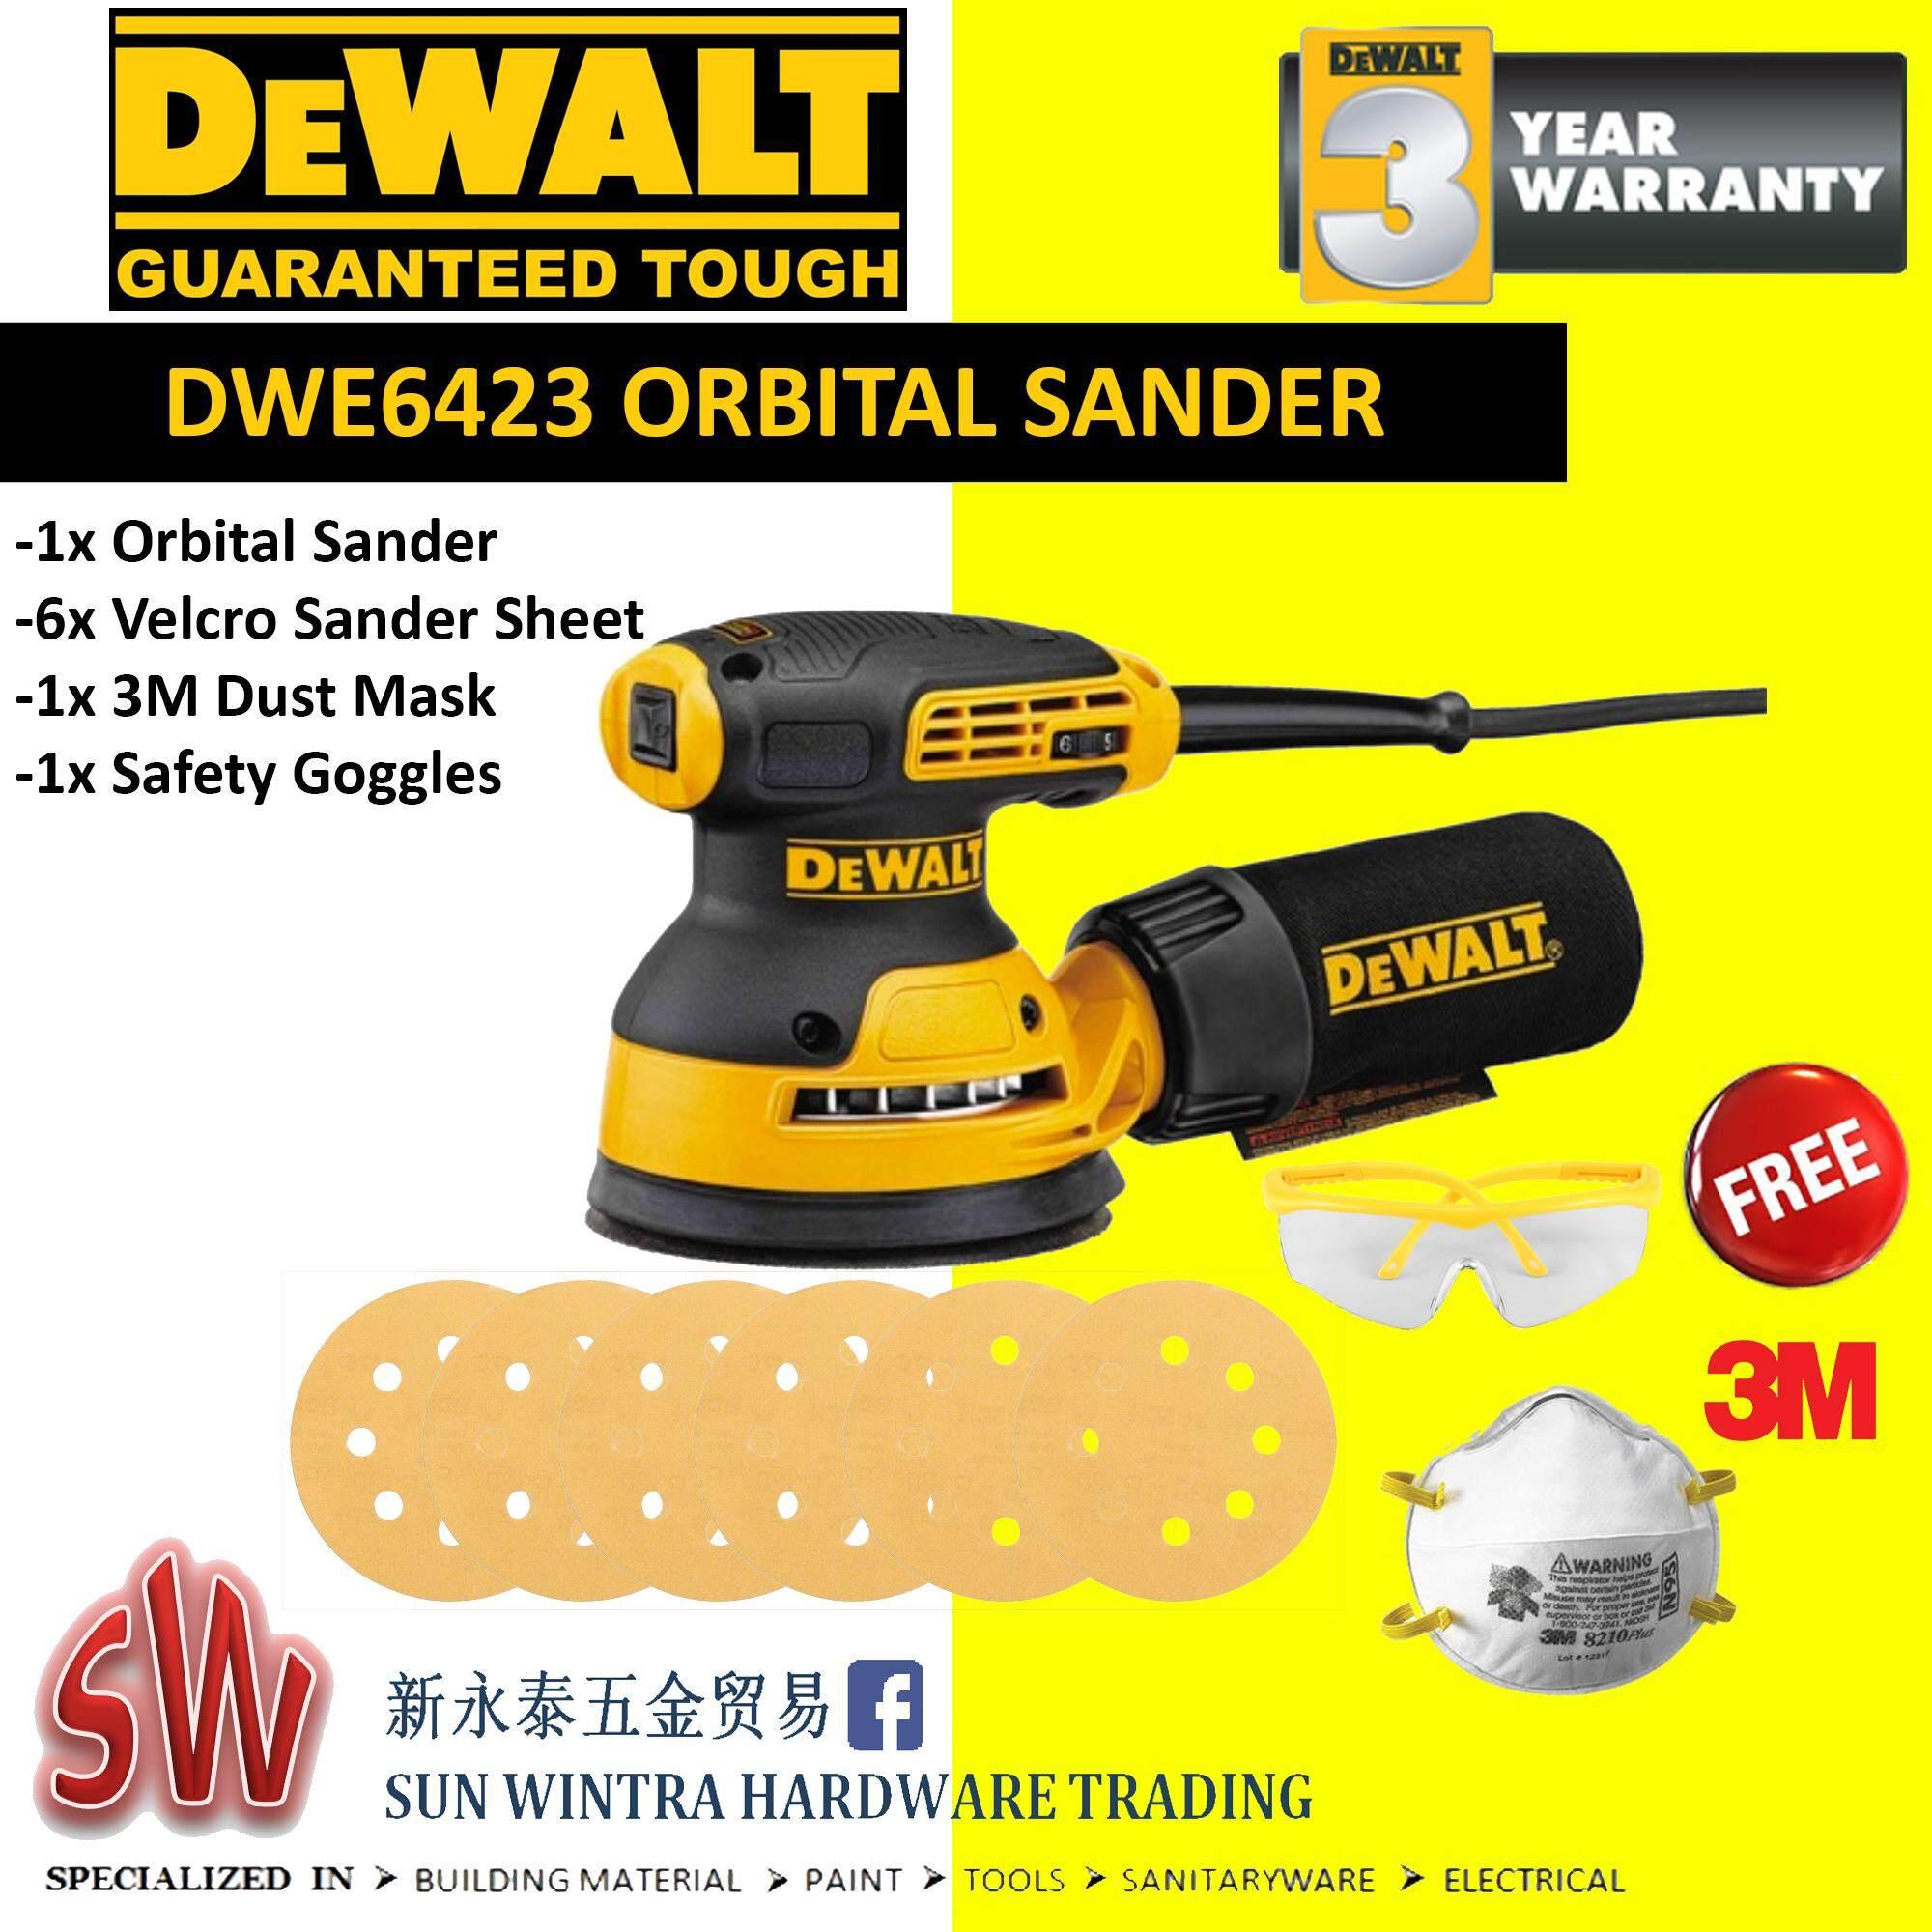 DEWALT DWE6423 125MM ORBITAL SANDER F.O.C SANDING SHEET AND SAFETY GOGGLE & MASK